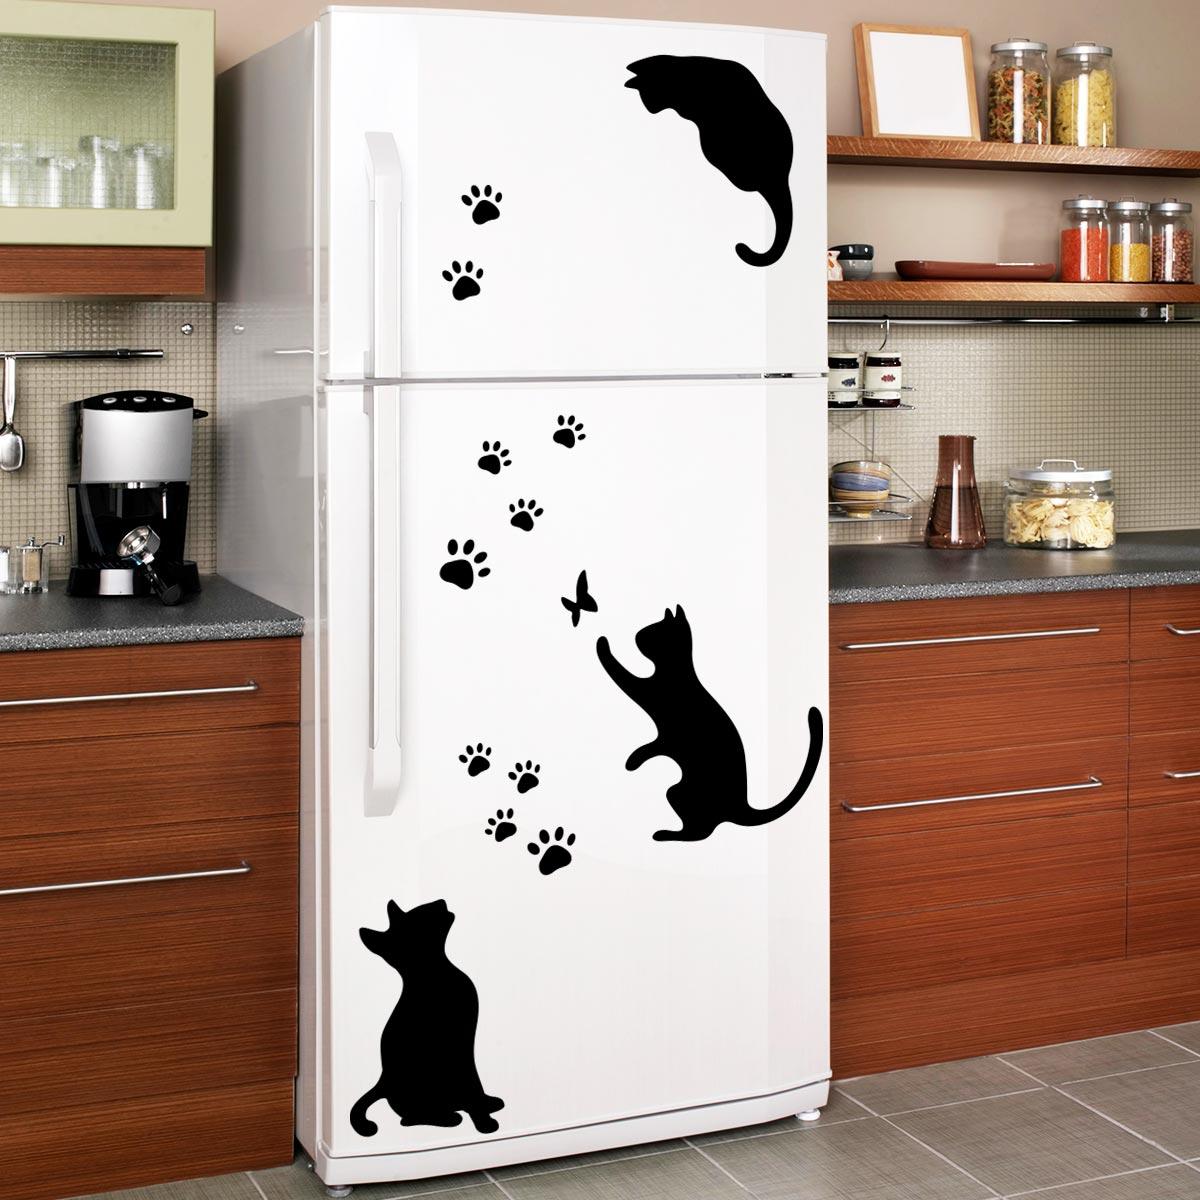 Stickers muraux pour r frig rateur sticker chats et - Stickers pour refrigerateur ...